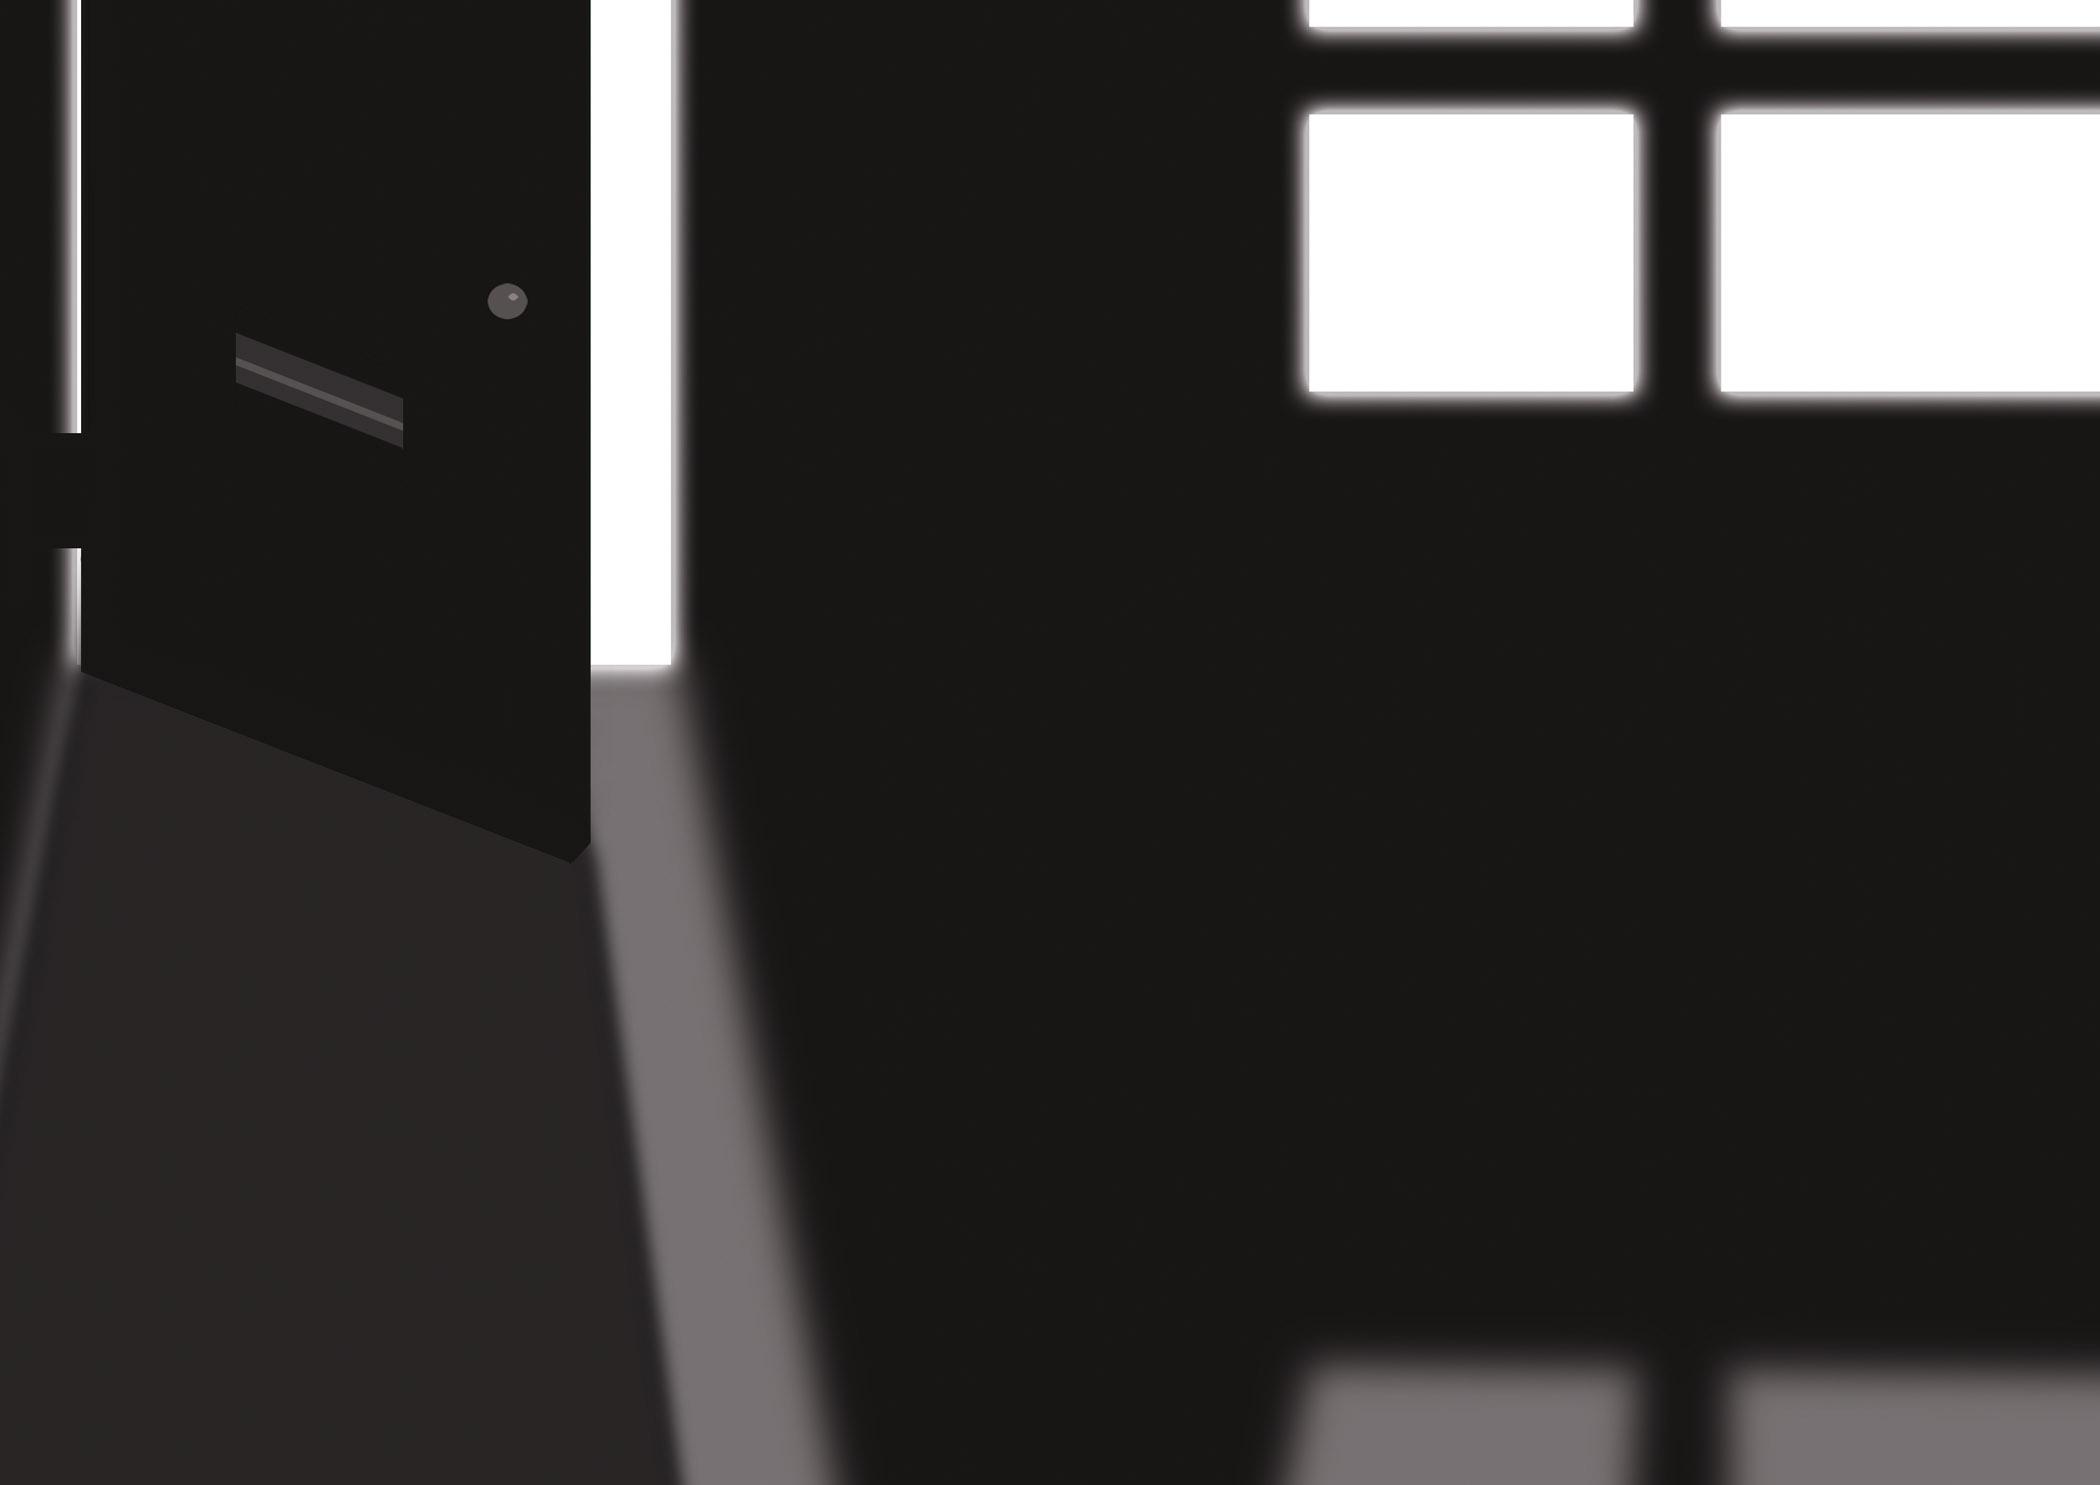 Zwart-wit van lege kamer